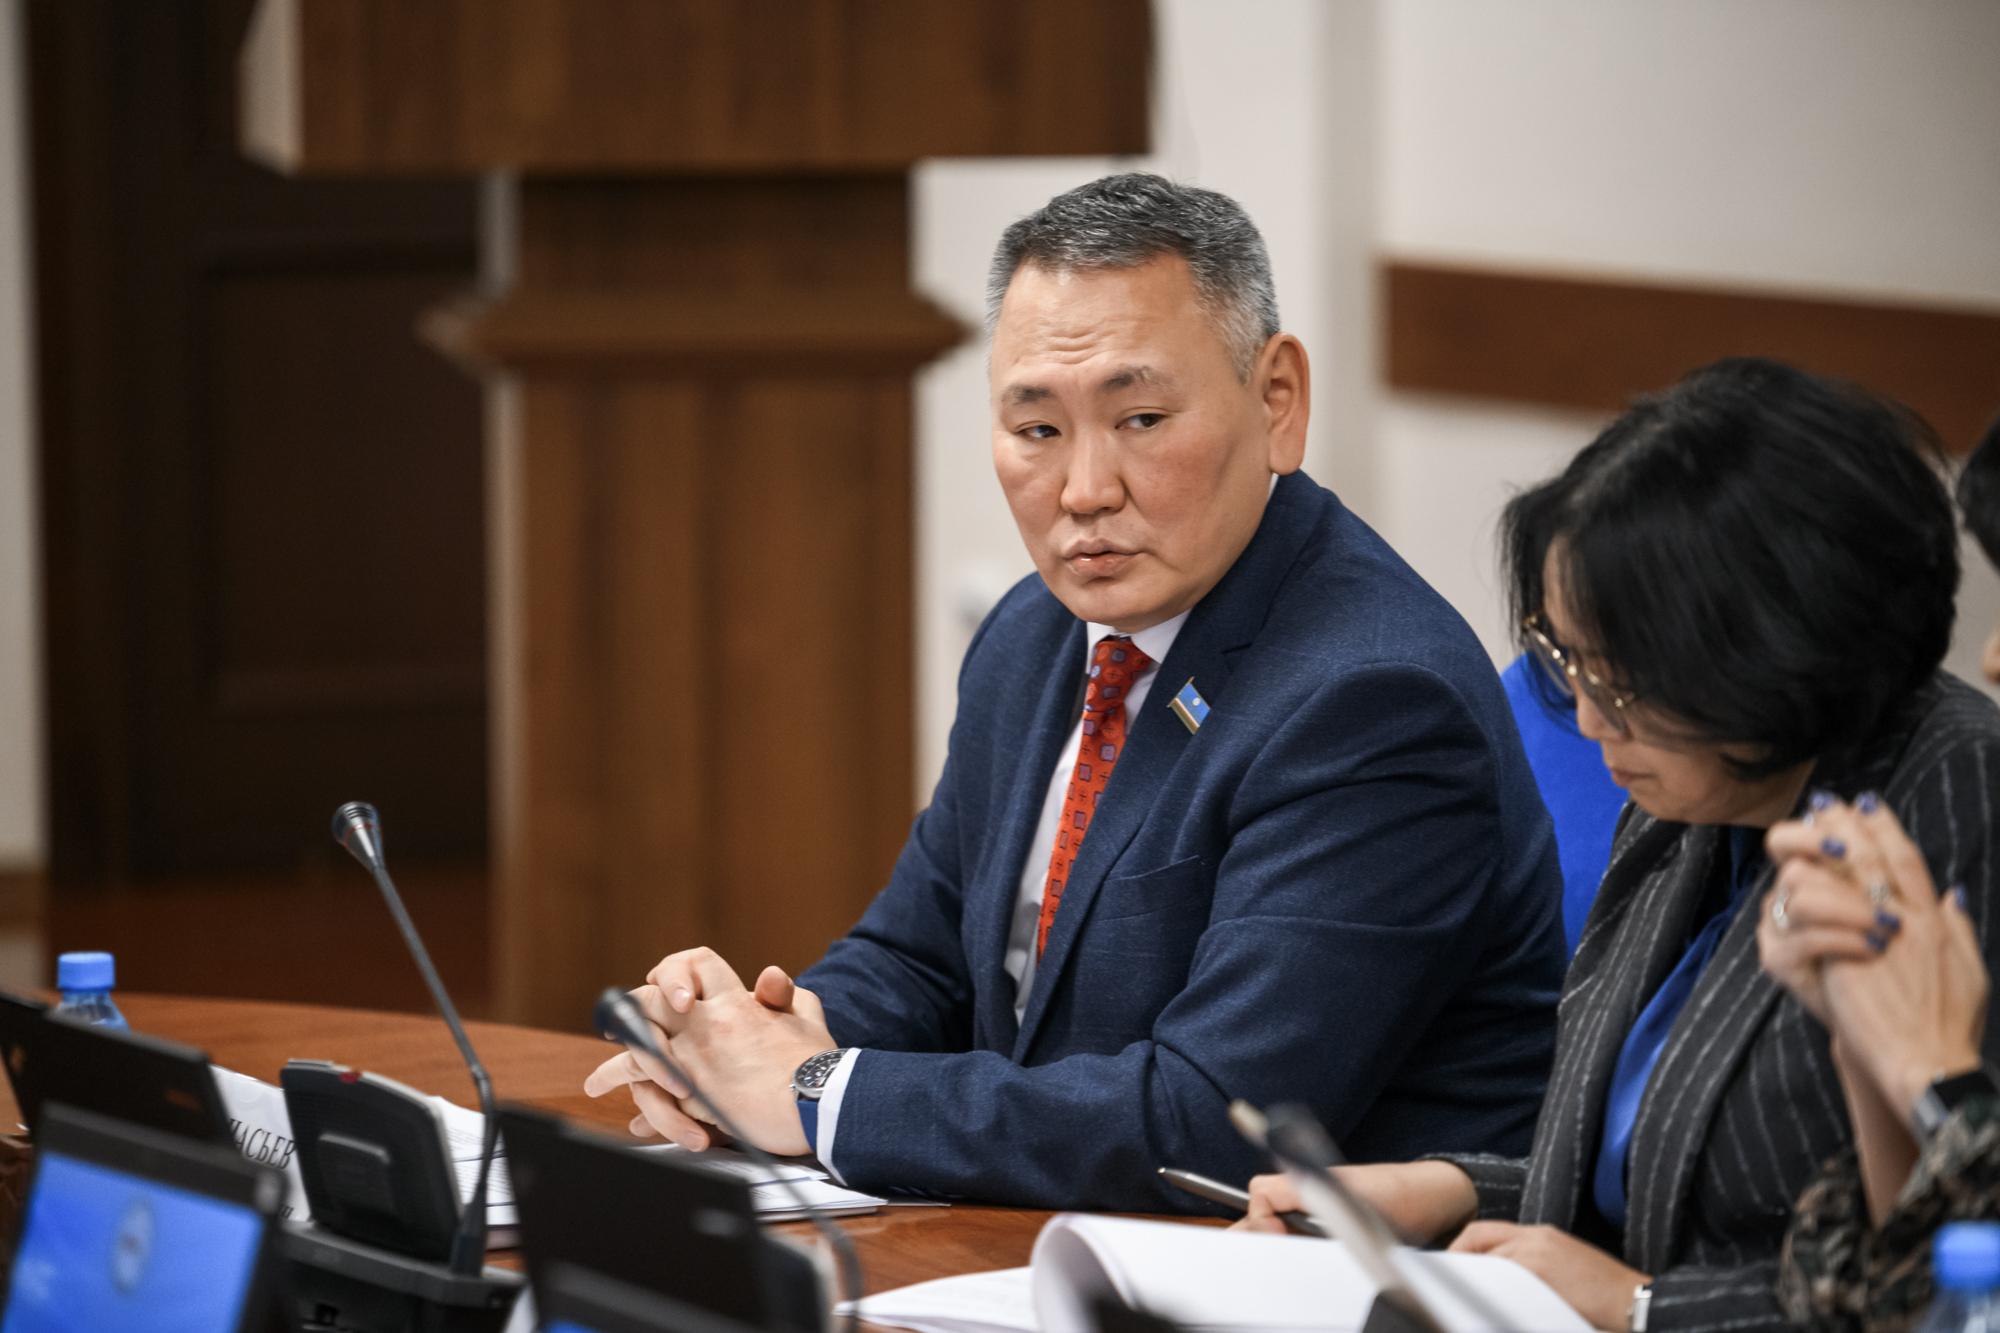 Сахамин Афанасьев выдвинулся на праймериз от Колымо-Индигирского избирательного округа